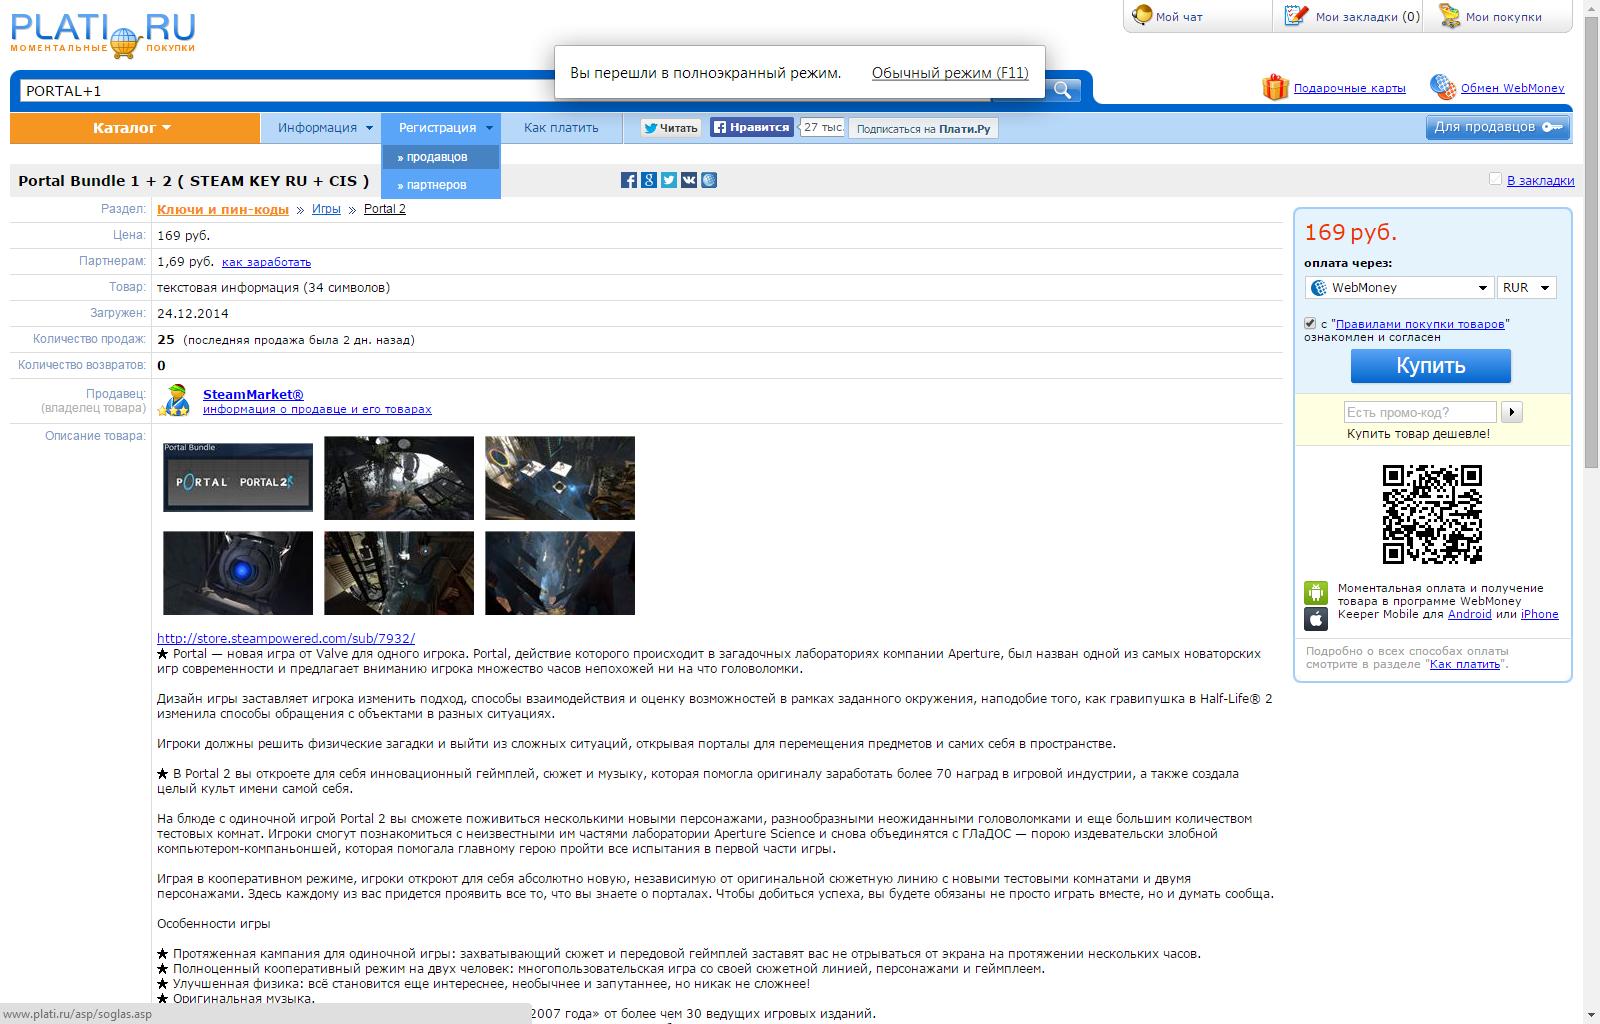 Продаю в Steam Portal и Portel 2